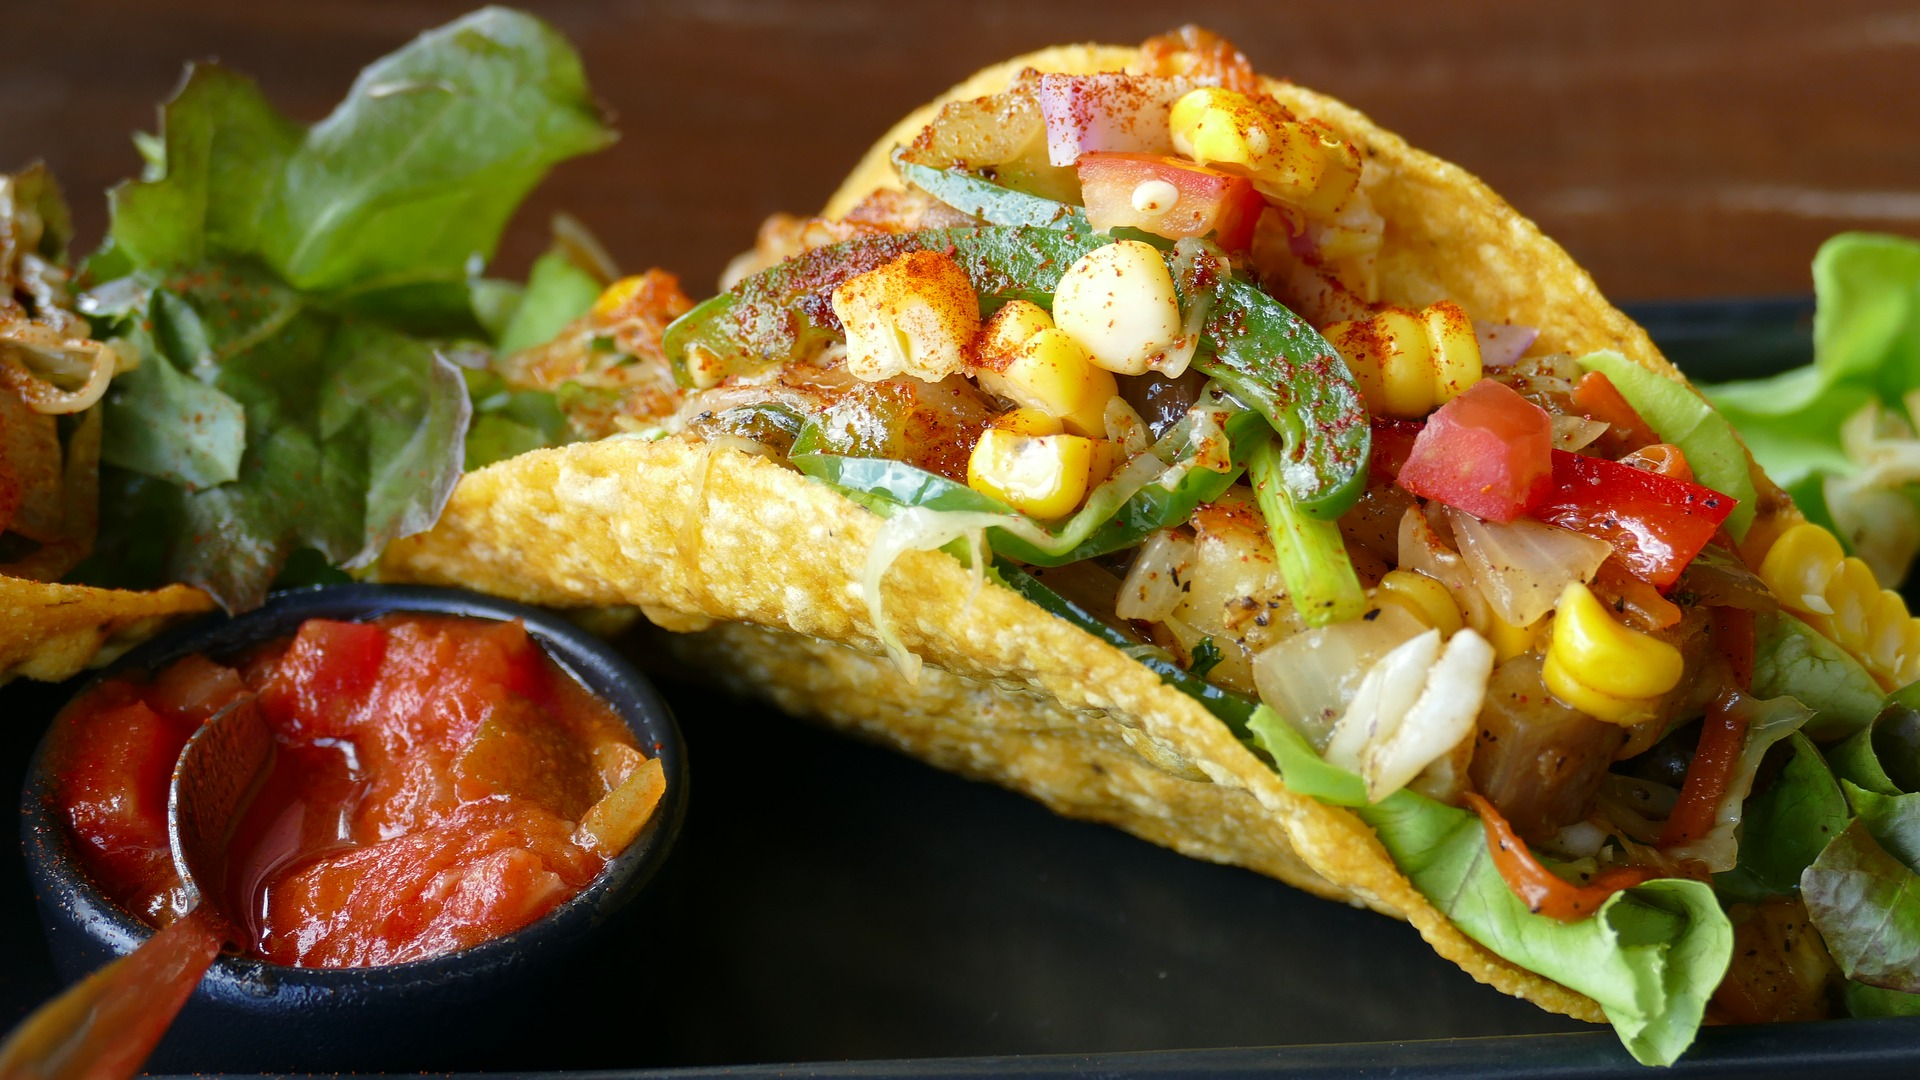 Mexikanisch Essen Wien: Die besten Mexikaner - Nextgen.at